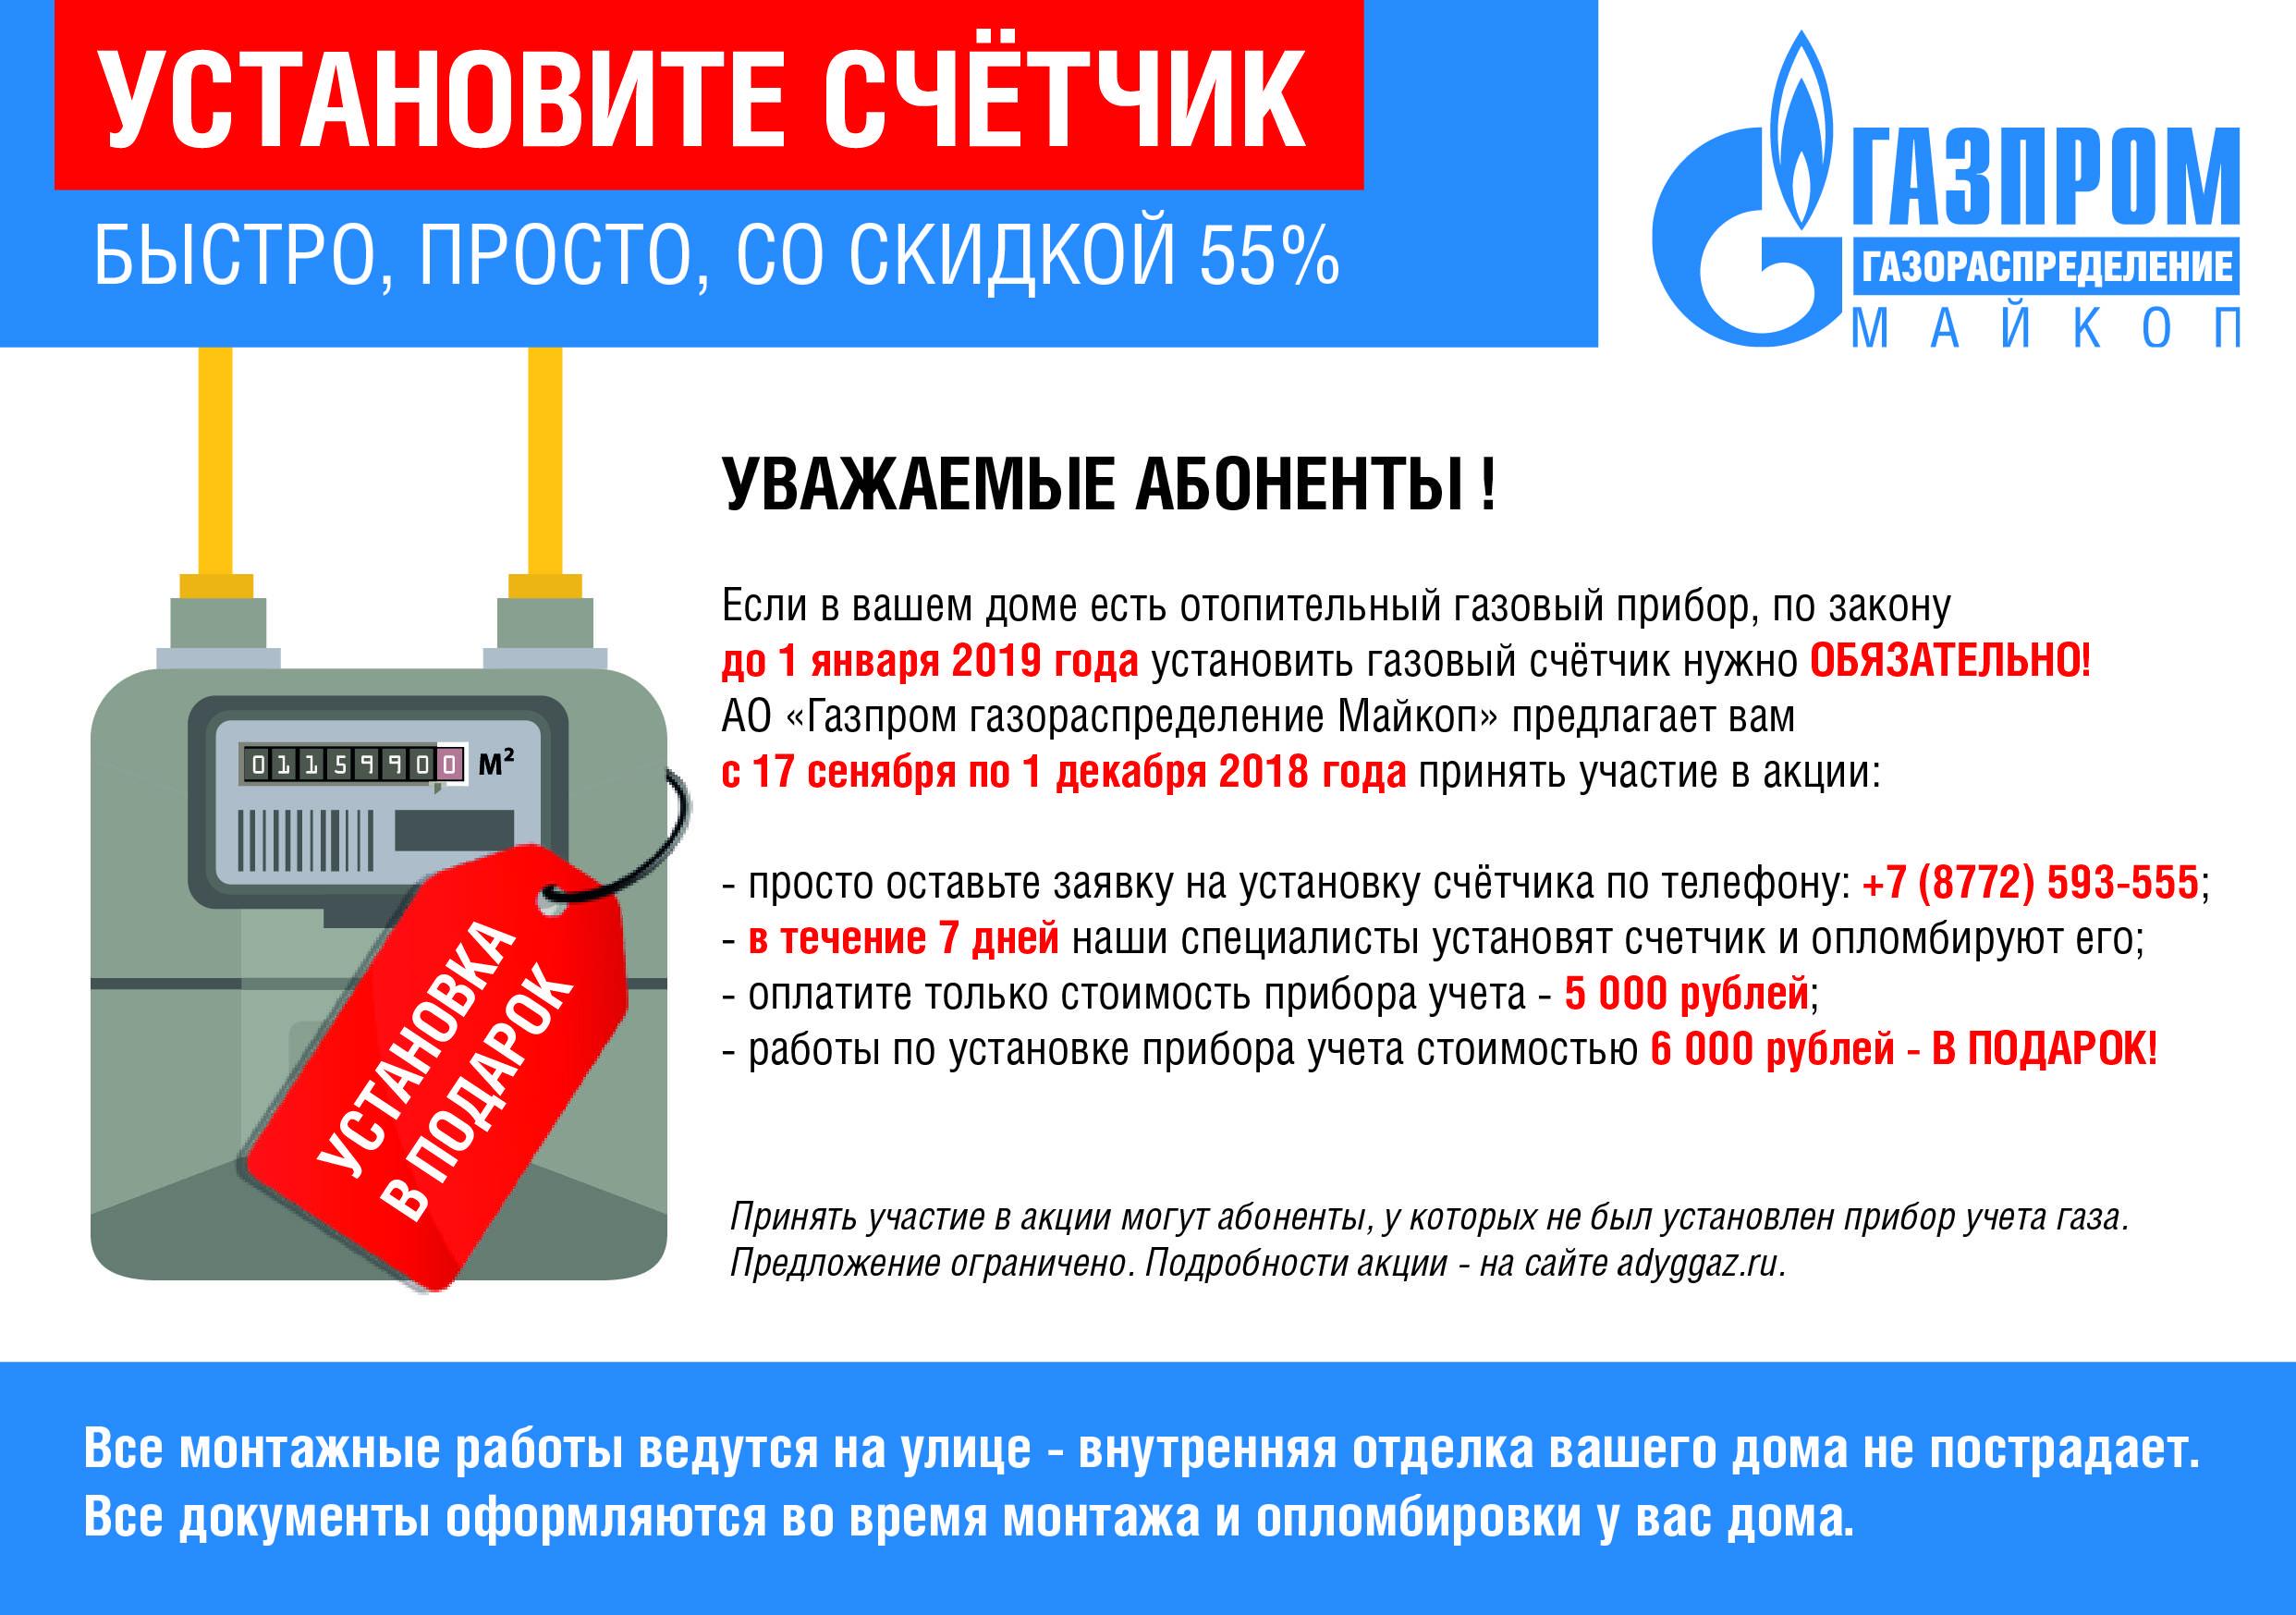 Какие льготы по оплате жкх положены пенсионерам в москве в 2020